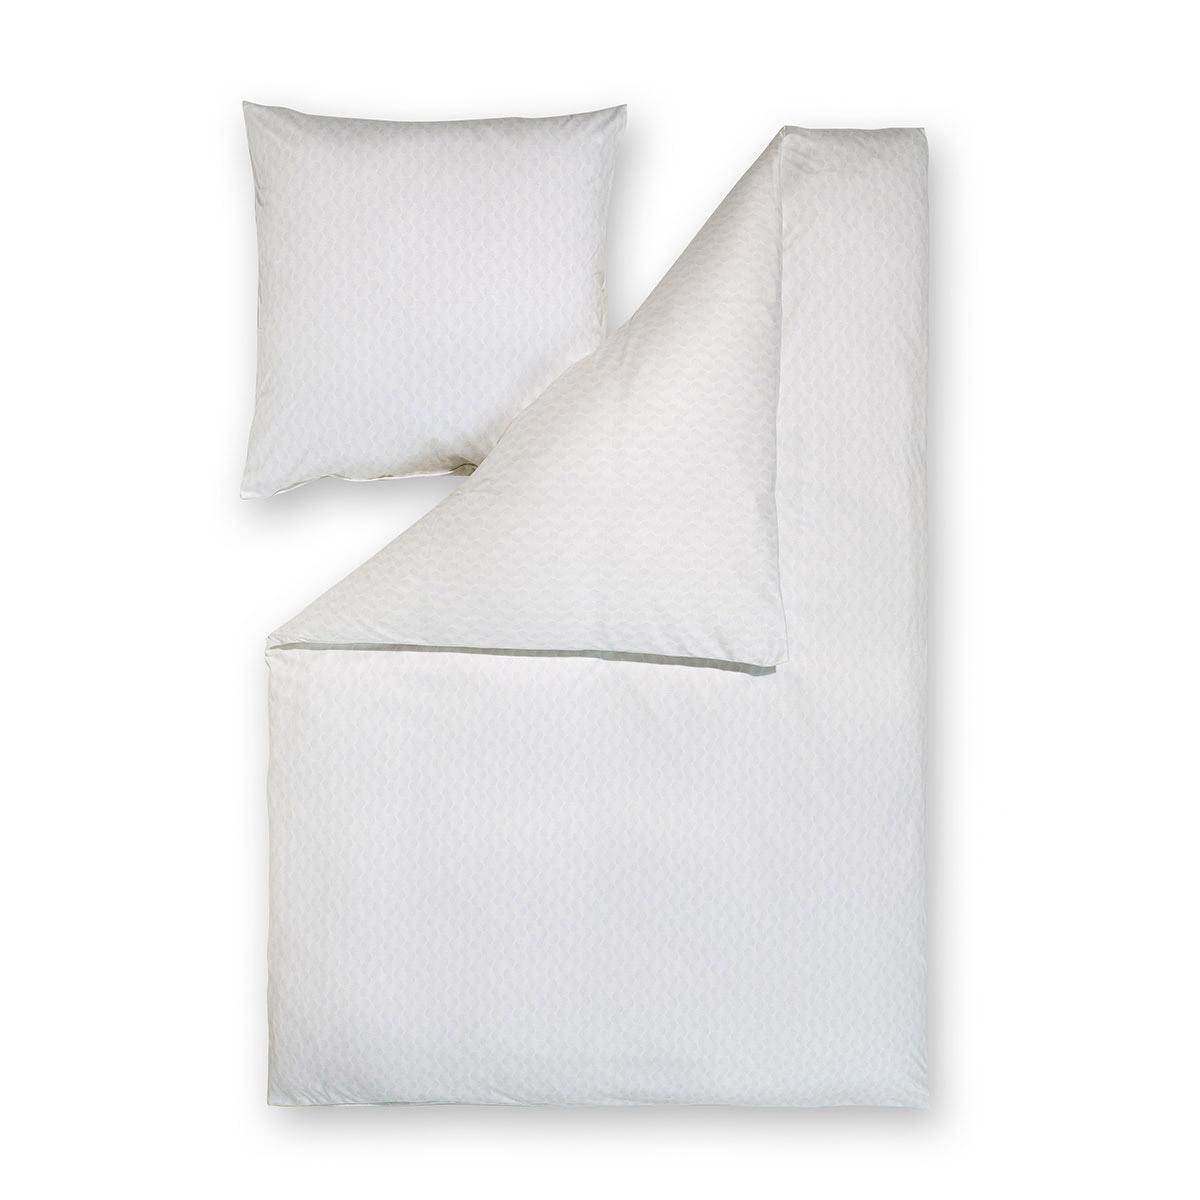 estella mako interlock jersey bettw sche dilan silber g nstig online kaufen bei bettwaren shop. Black Bedroom Furniture Sets. Home Design Ideas